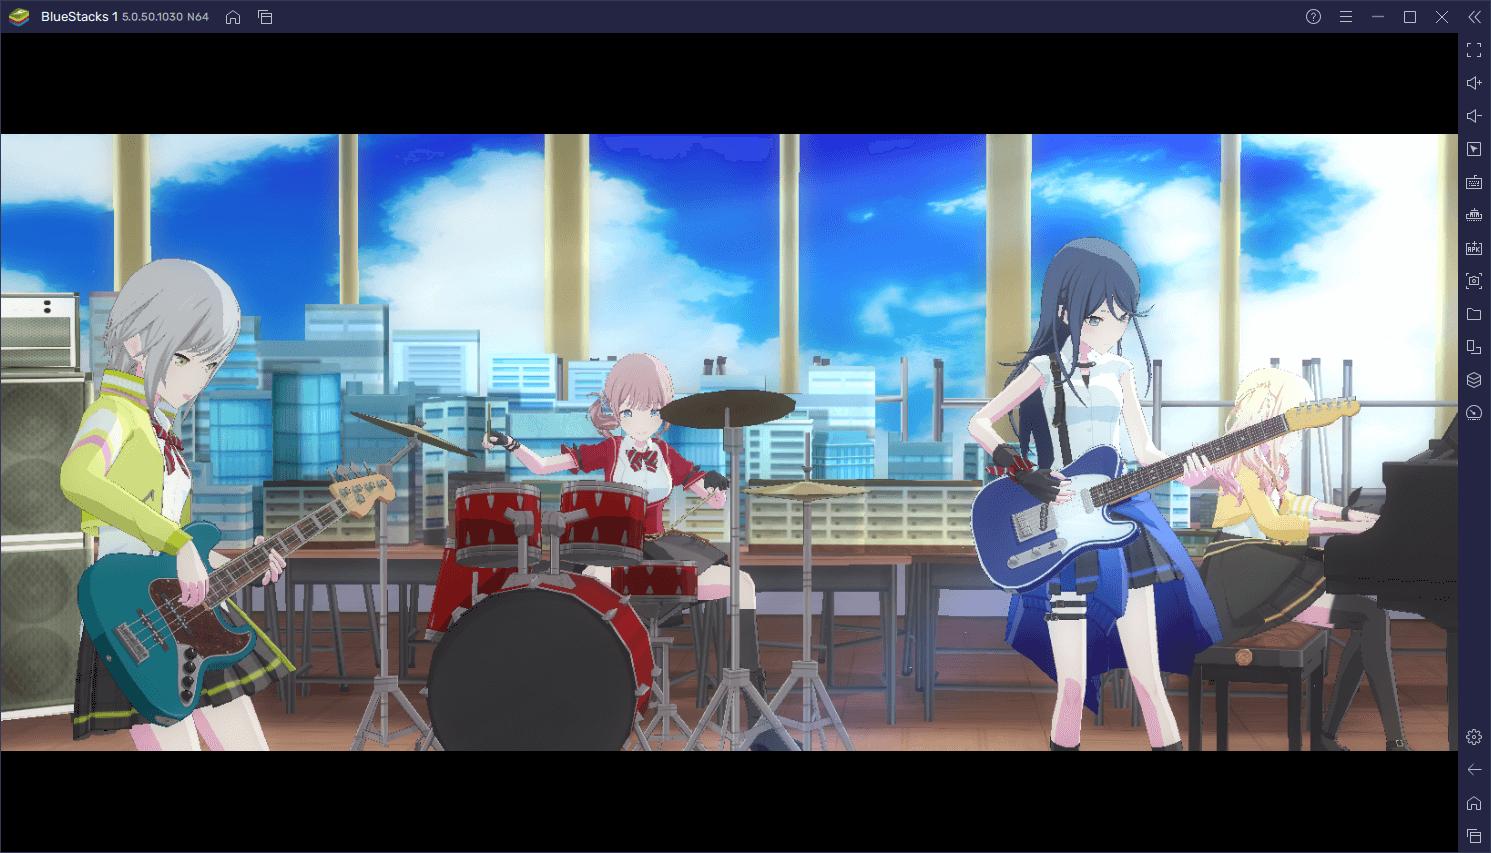 BlueStacksを使ってPCで『プロジェクトセカイ カラフルステージ! feat. 初音ミク』を遊ぼう